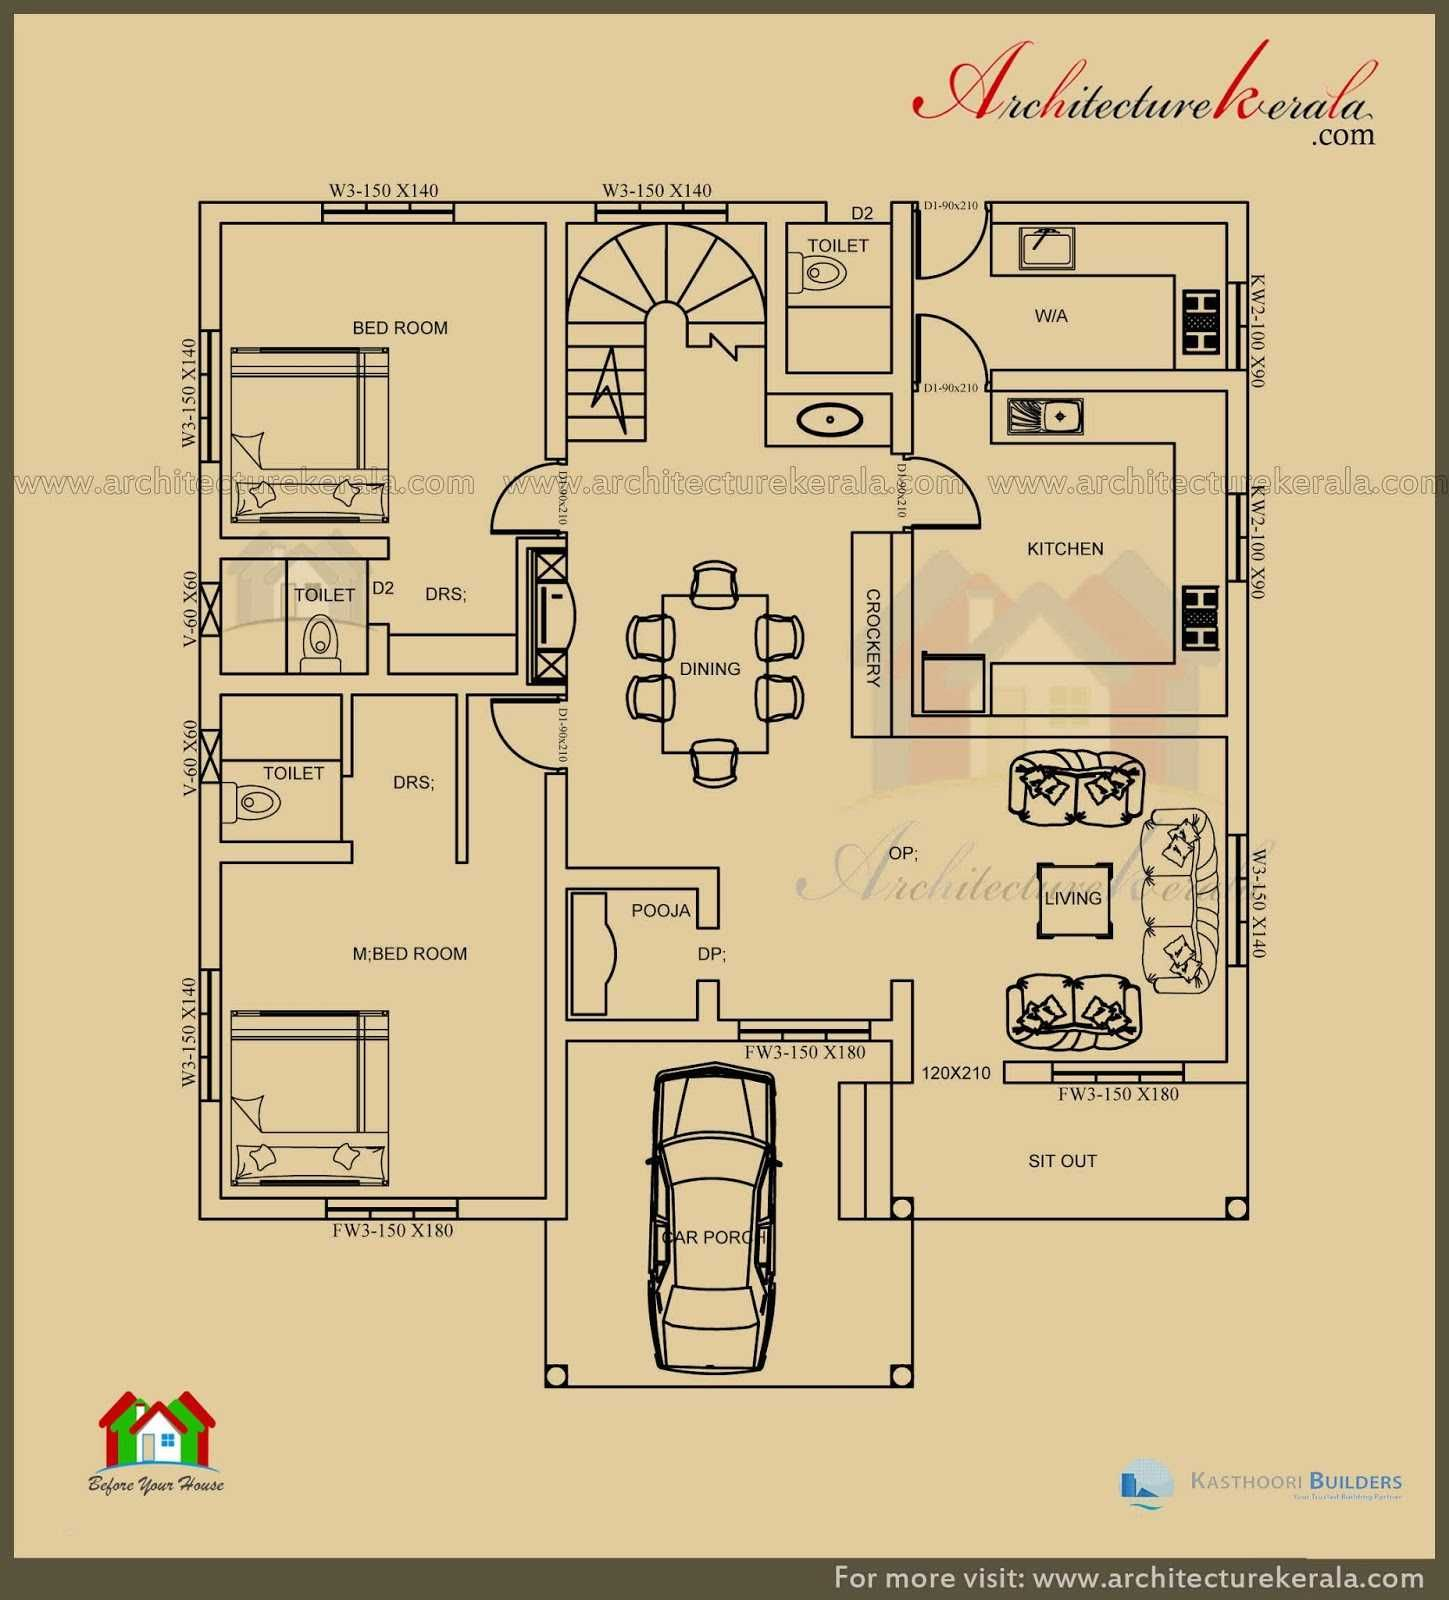 Simple 1 Bedroom House Plans Elegant Simple E Floor House Plans Cottage Floor Plans Bungalow Floor Plans Free House Plans